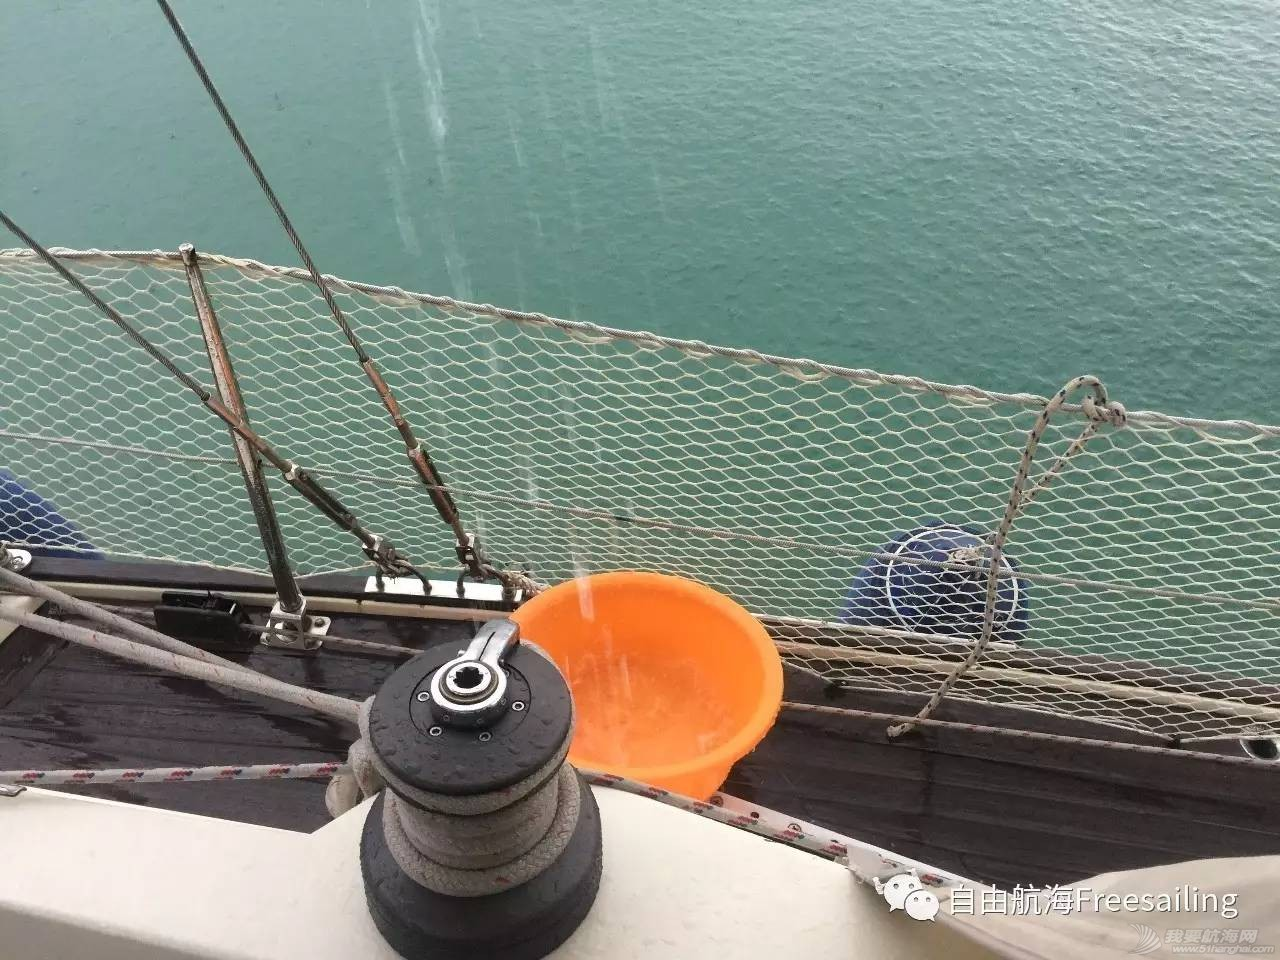 海上生活初体验——帆船环球周记六 ed290773cb74972f419a32a536ae33b0.jpg